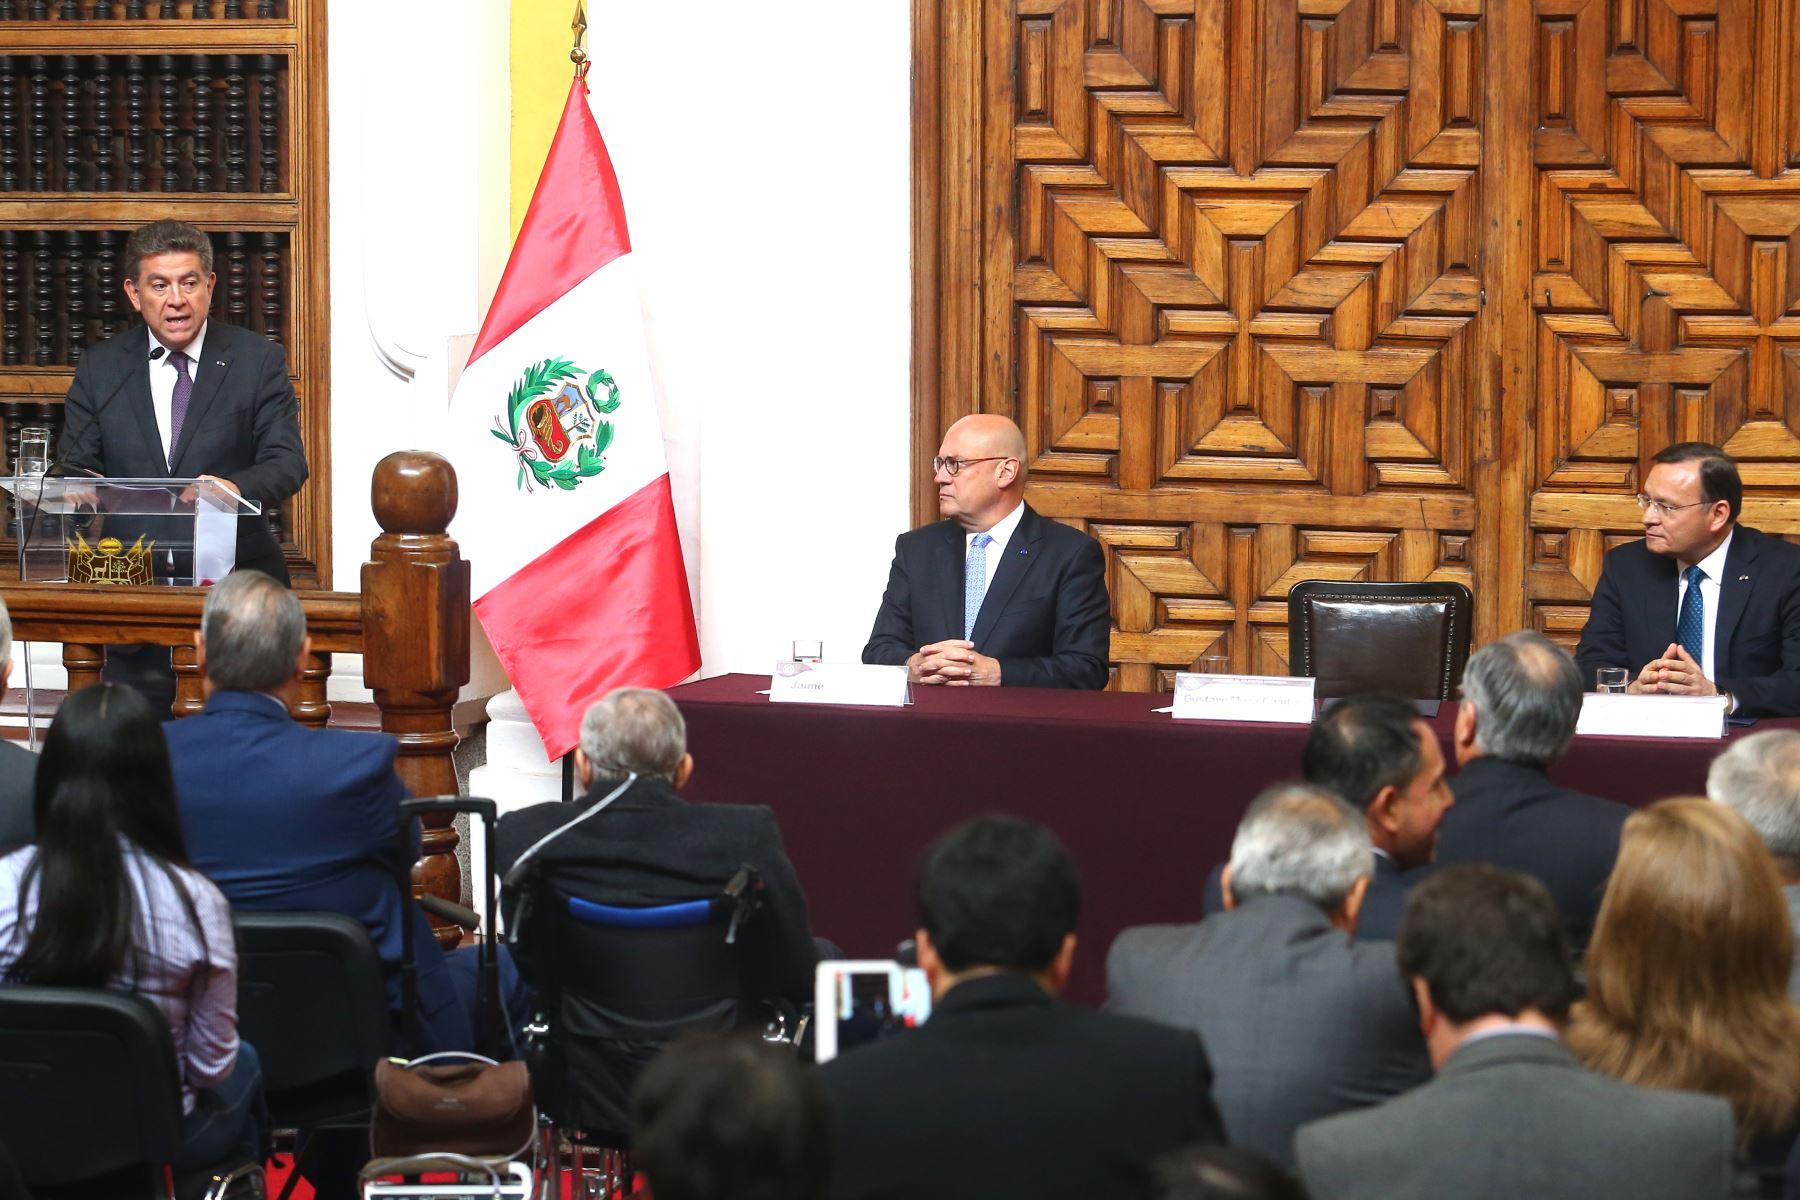 Ceremonia de presentación del embajador Gustavo Meza-Cuadra como Ministro de Relaciones Exteriores, en palacio Torre Tagle. Foto:ANDINA/Héctor Vinces